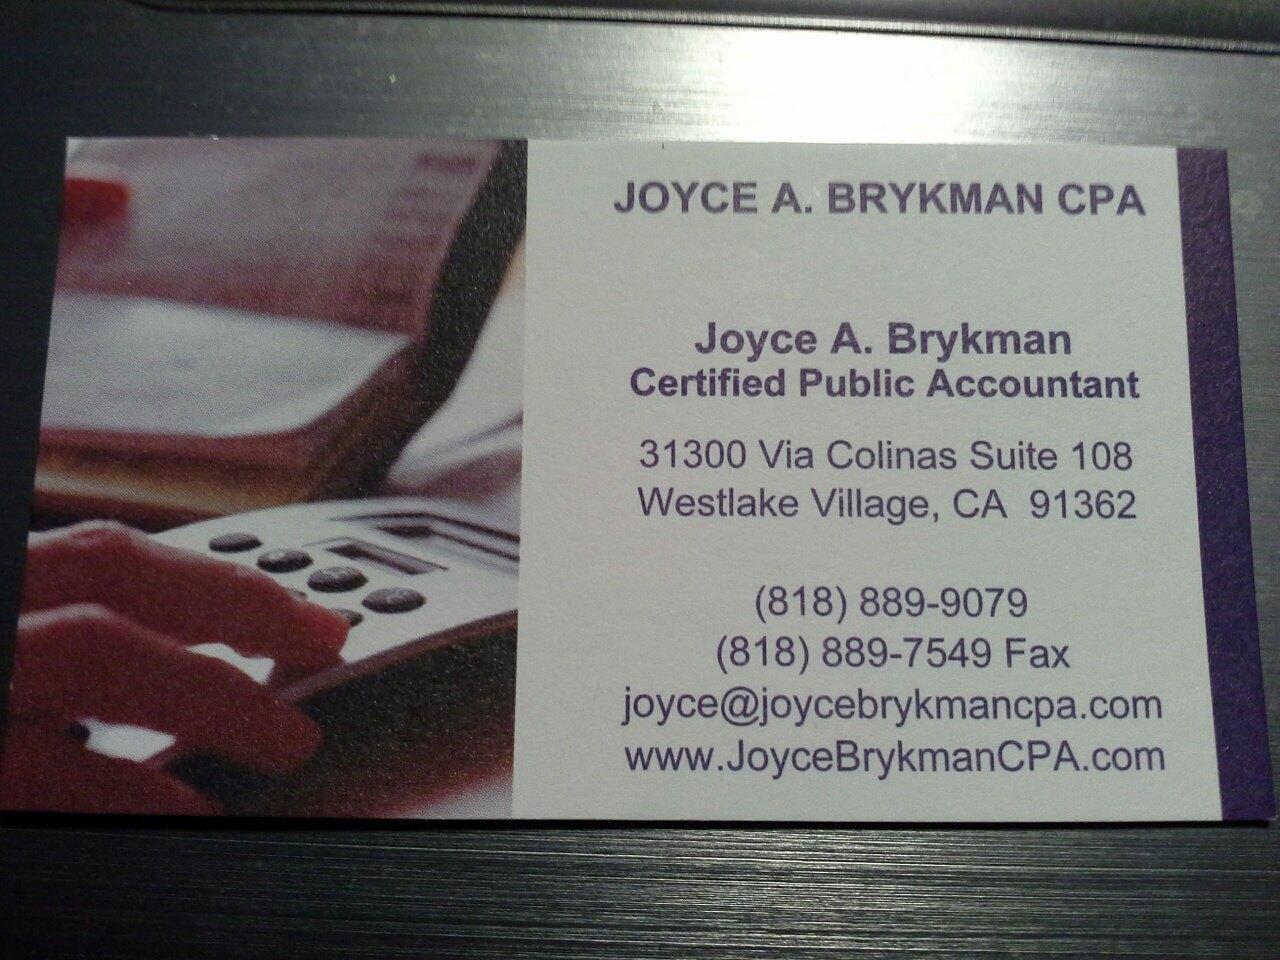 Joyce A. Brykman CPA image 1